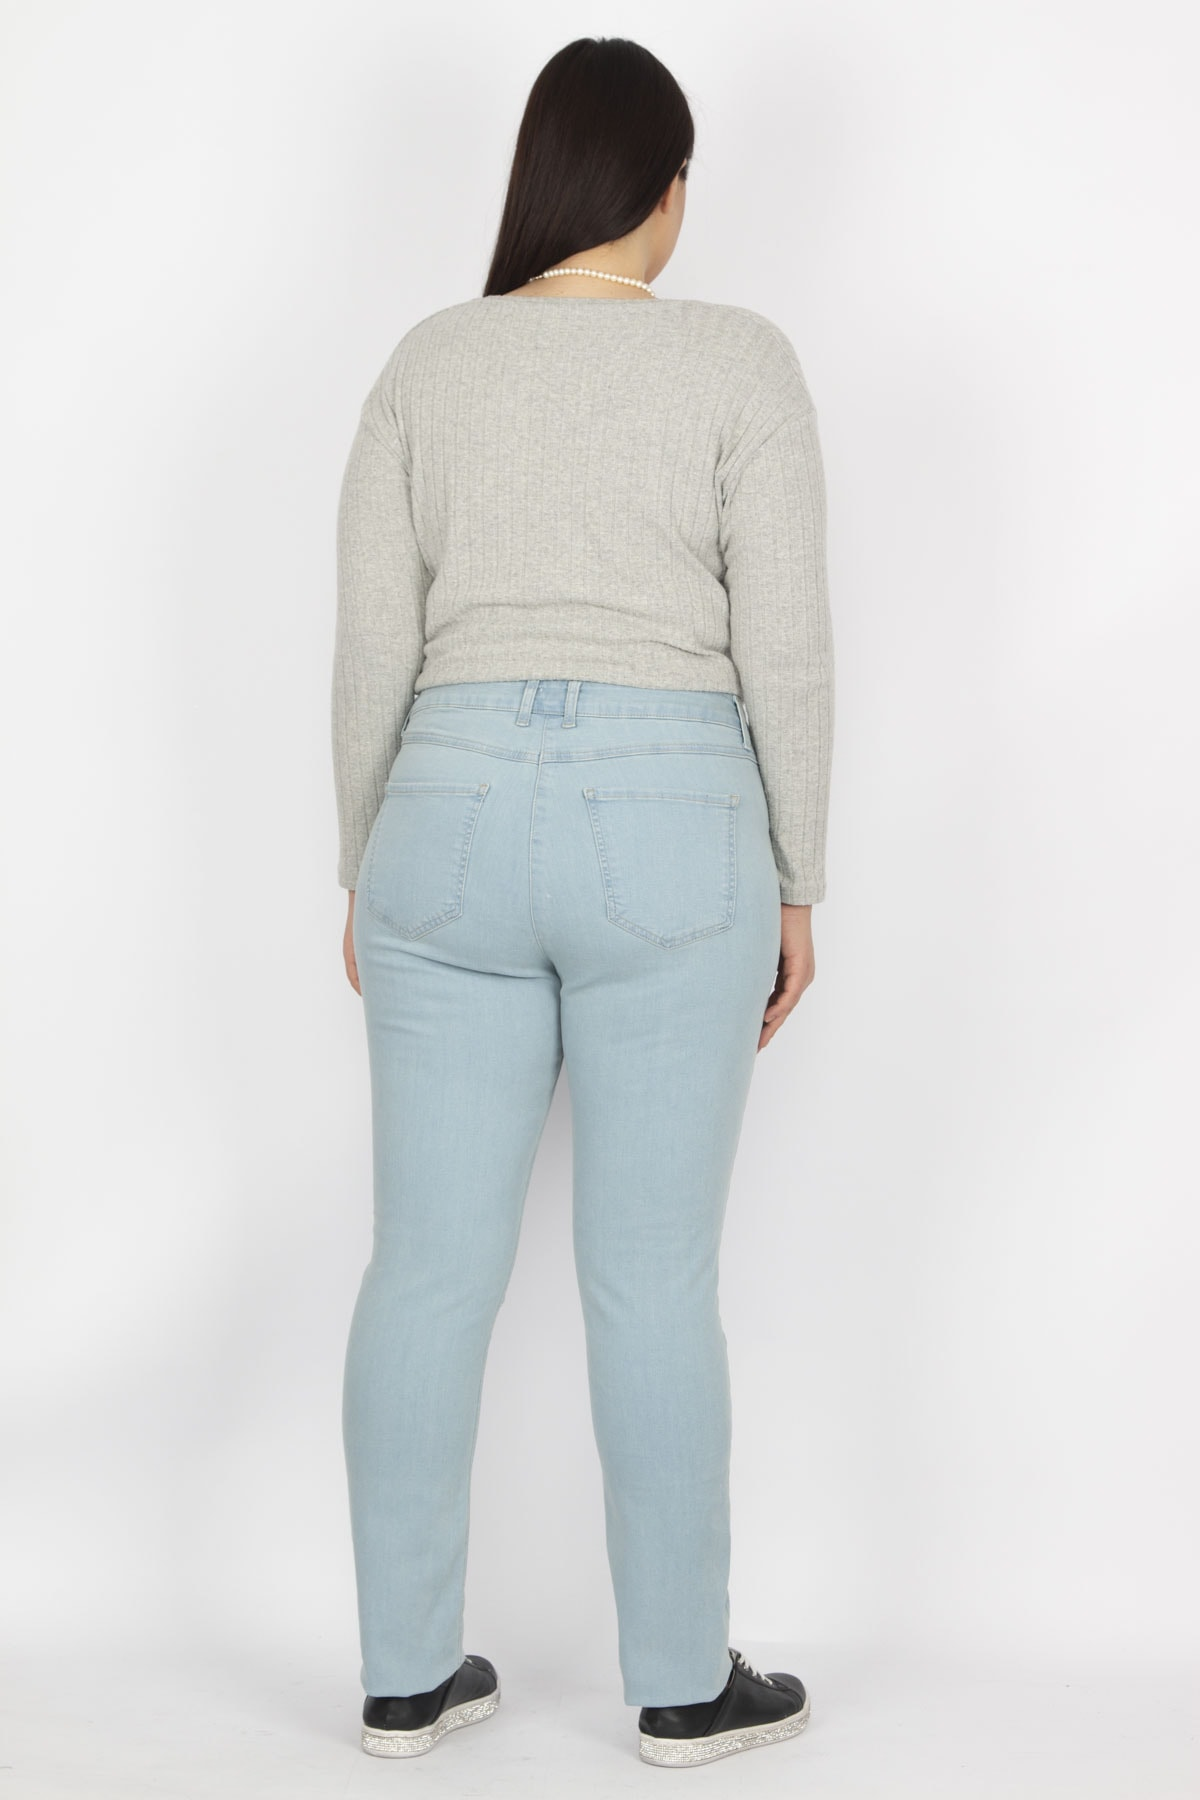 Şans Kadın Mavi Likralı Gabardin Kumaş 5 Cepli Pantolon 65N19451 2